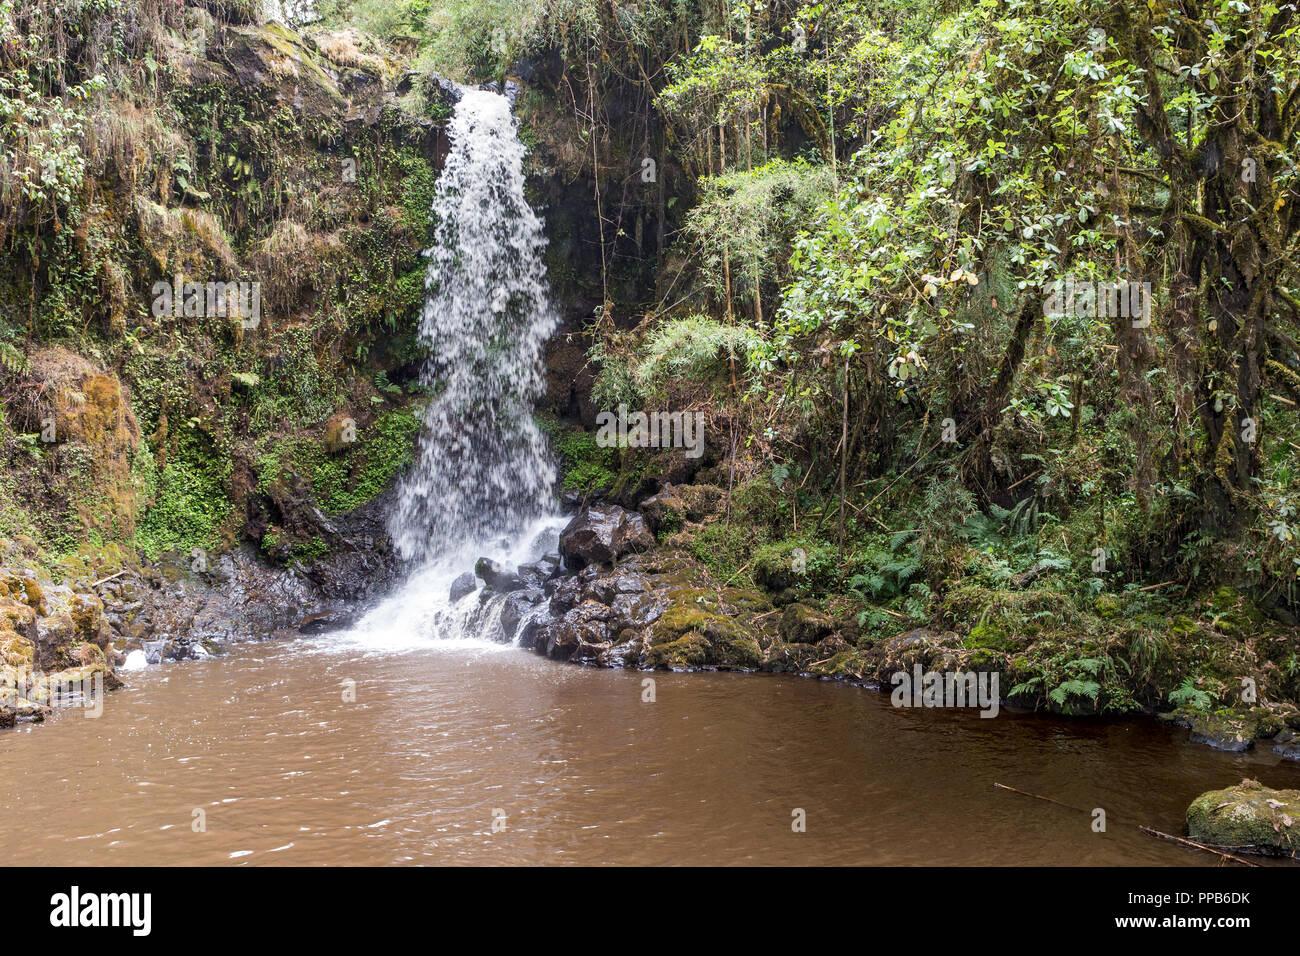 Waterfall, Bale Mountains, Ethiopia - Stock Image